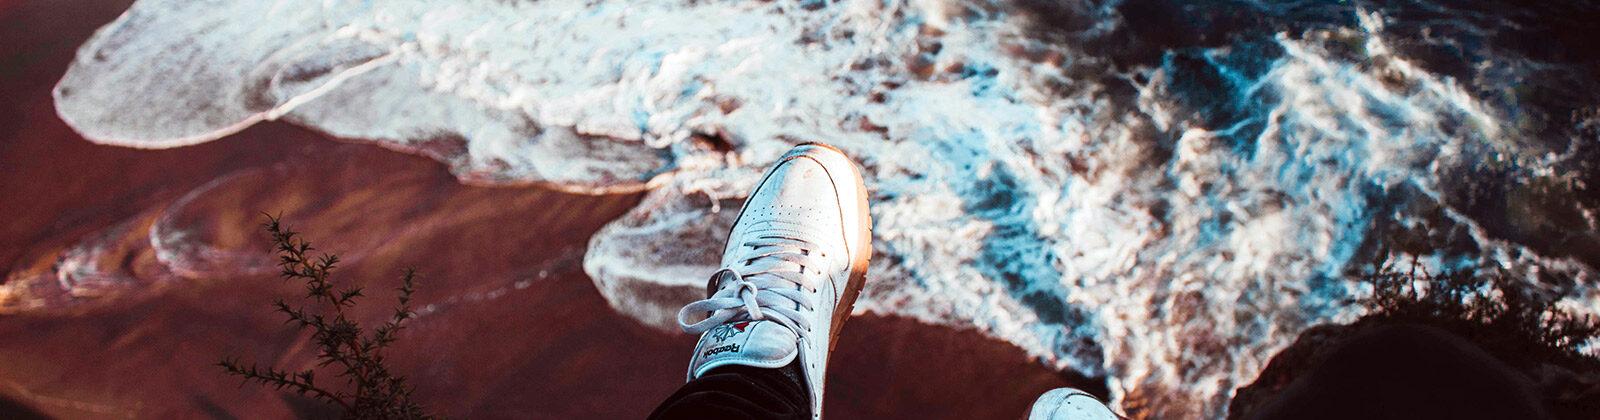 Feet dangling over a cliff overlooking a beach